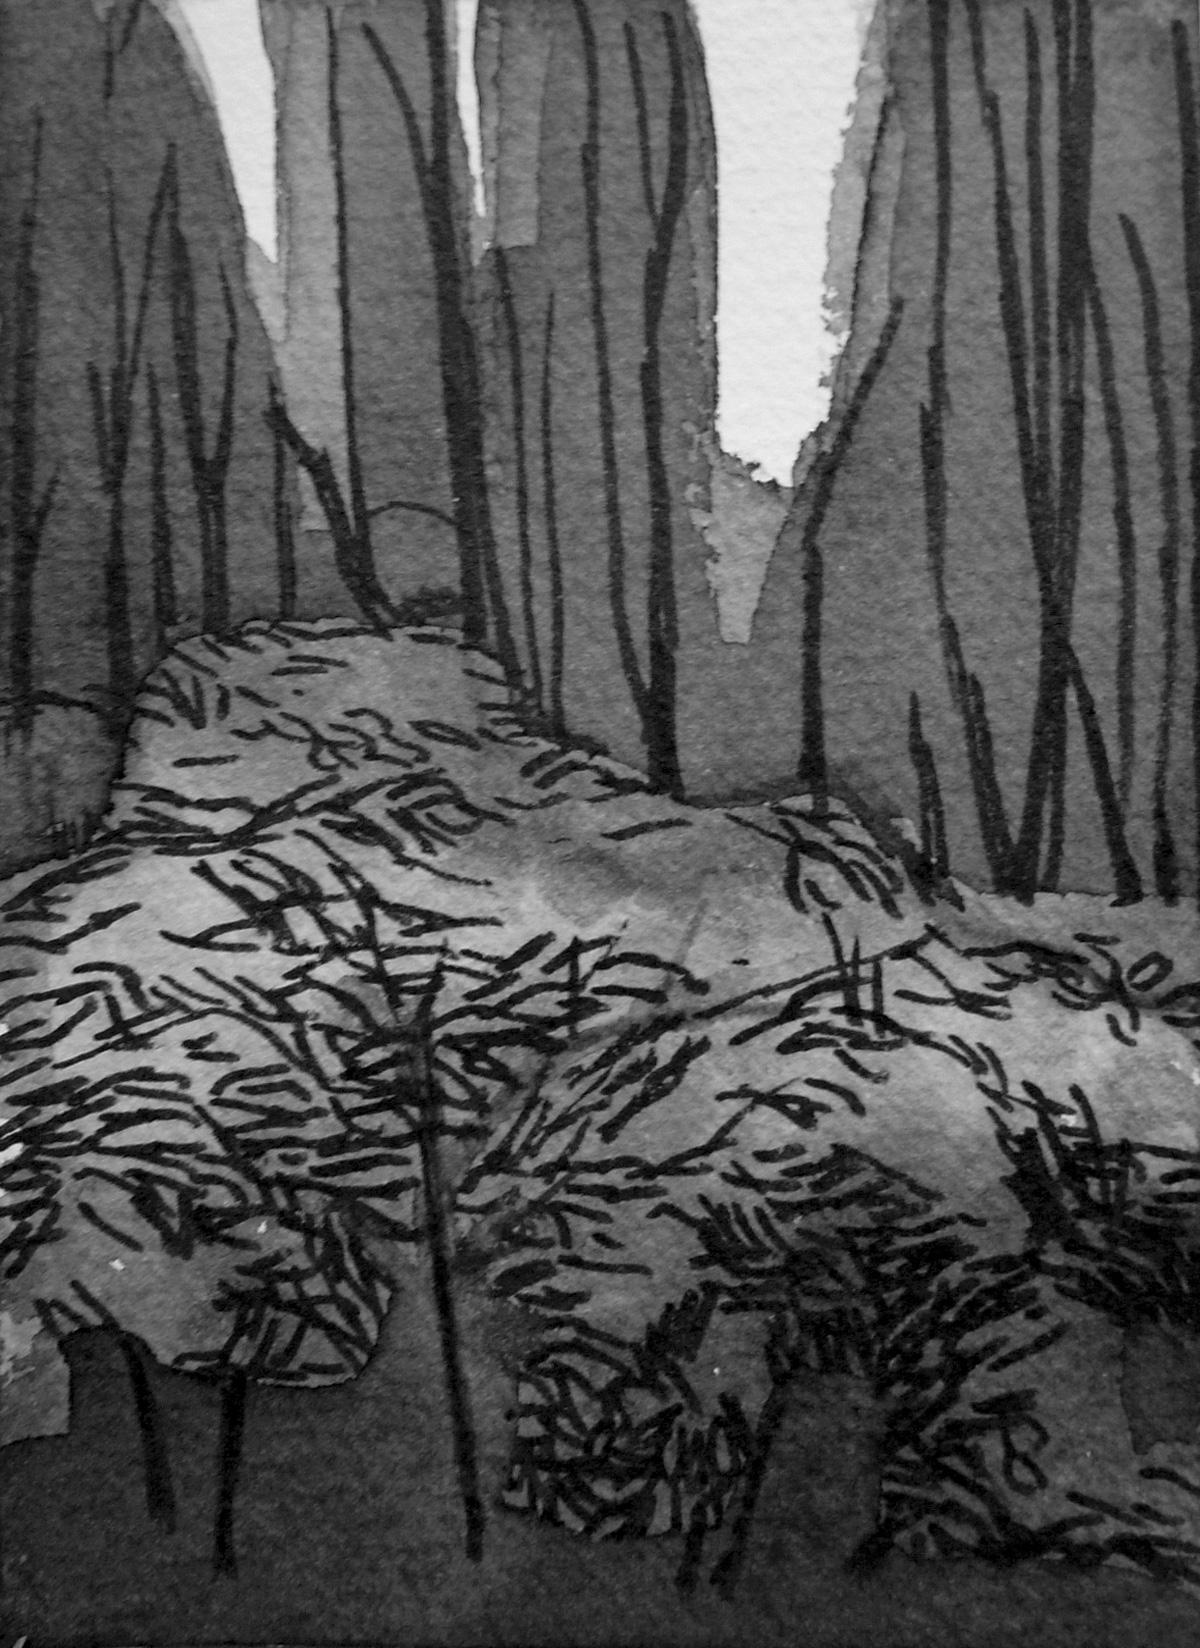 B&W vertical 6-23. Ink, paper. 15x10cm. 2014